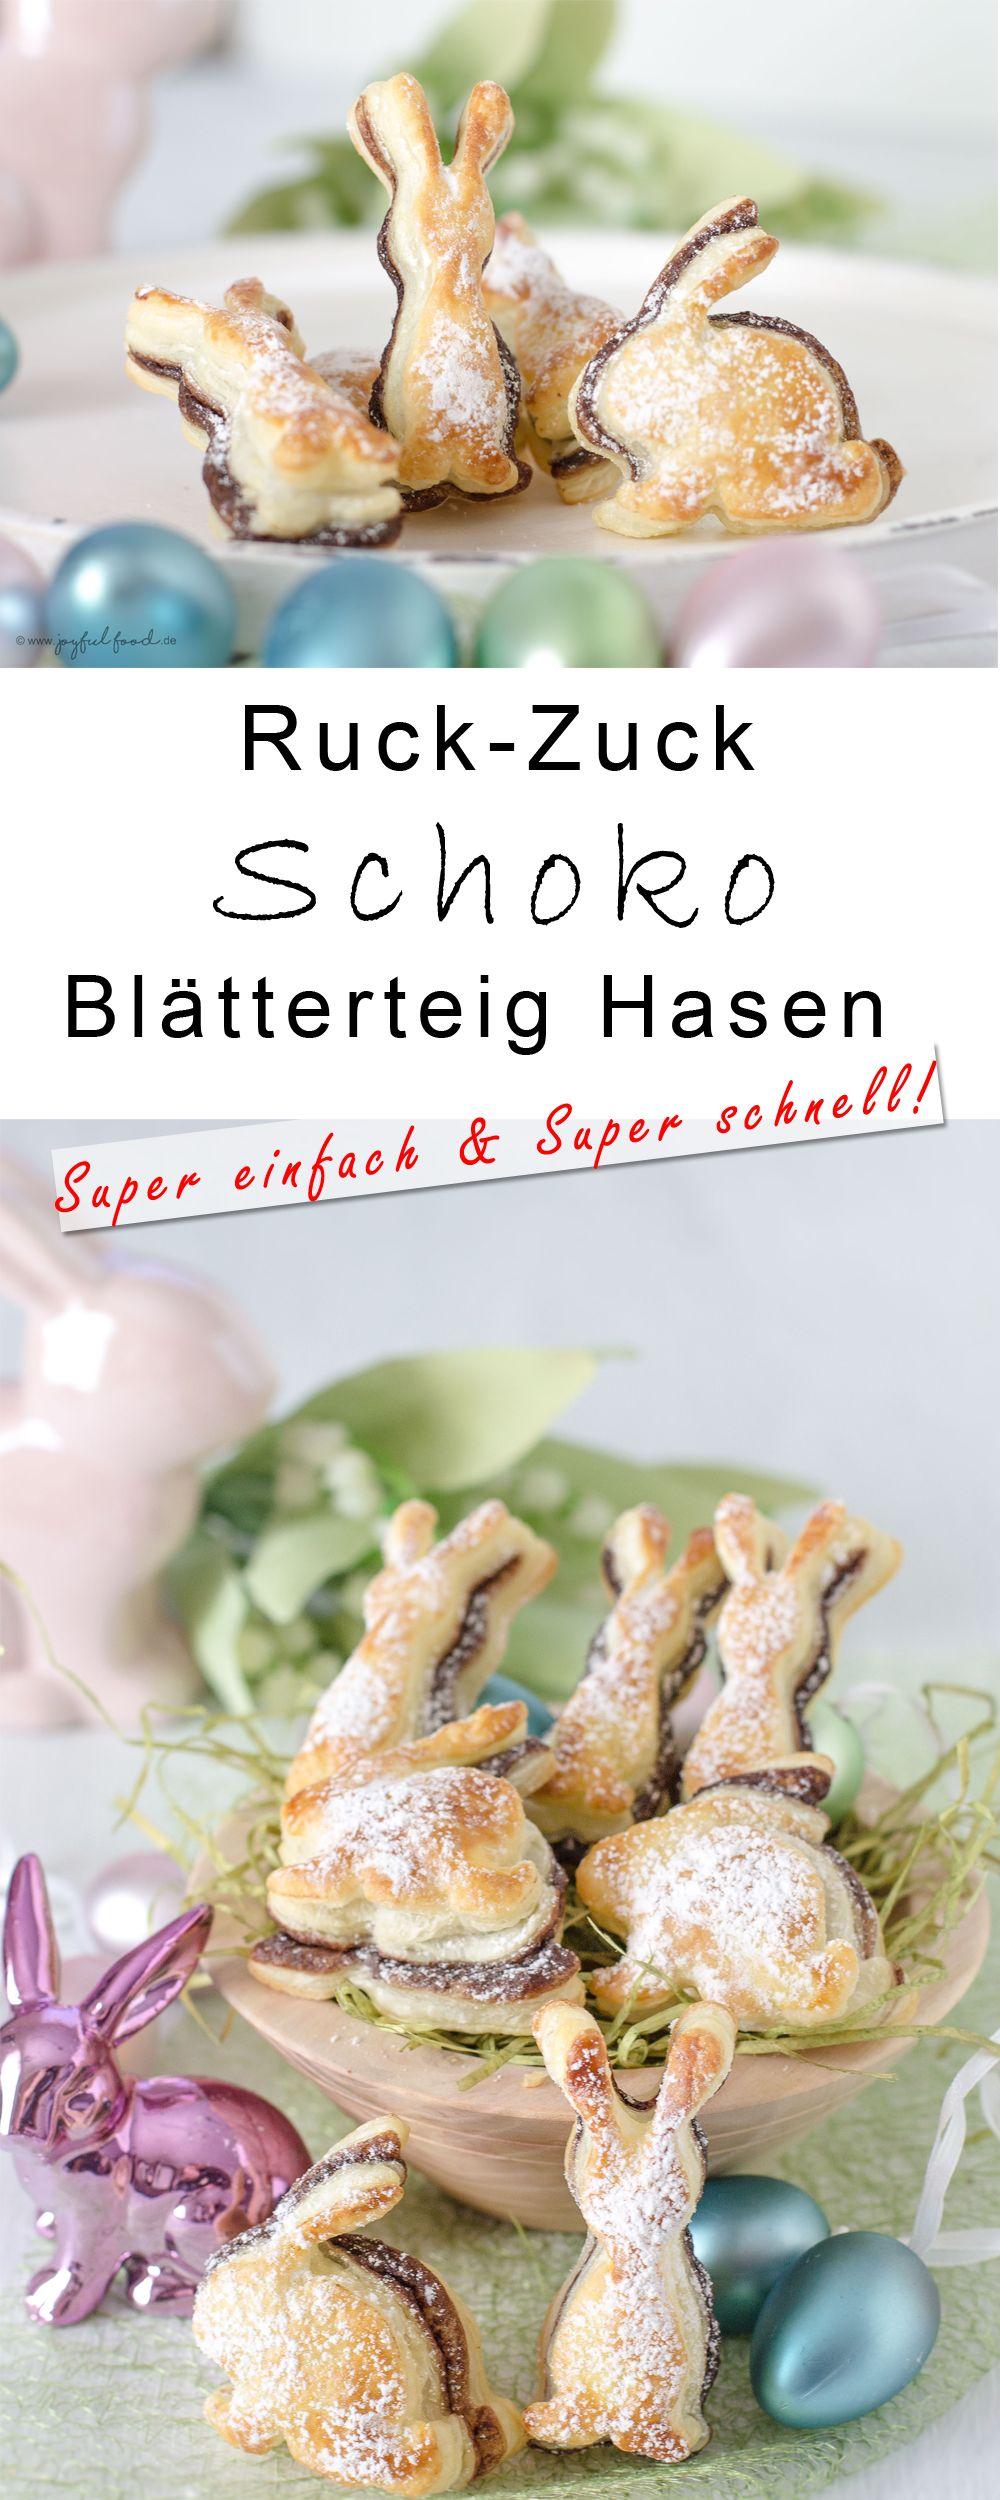 Ruck-Zuck Schoko Blätterteig Hasen | Joyful Food #frühlingblumen